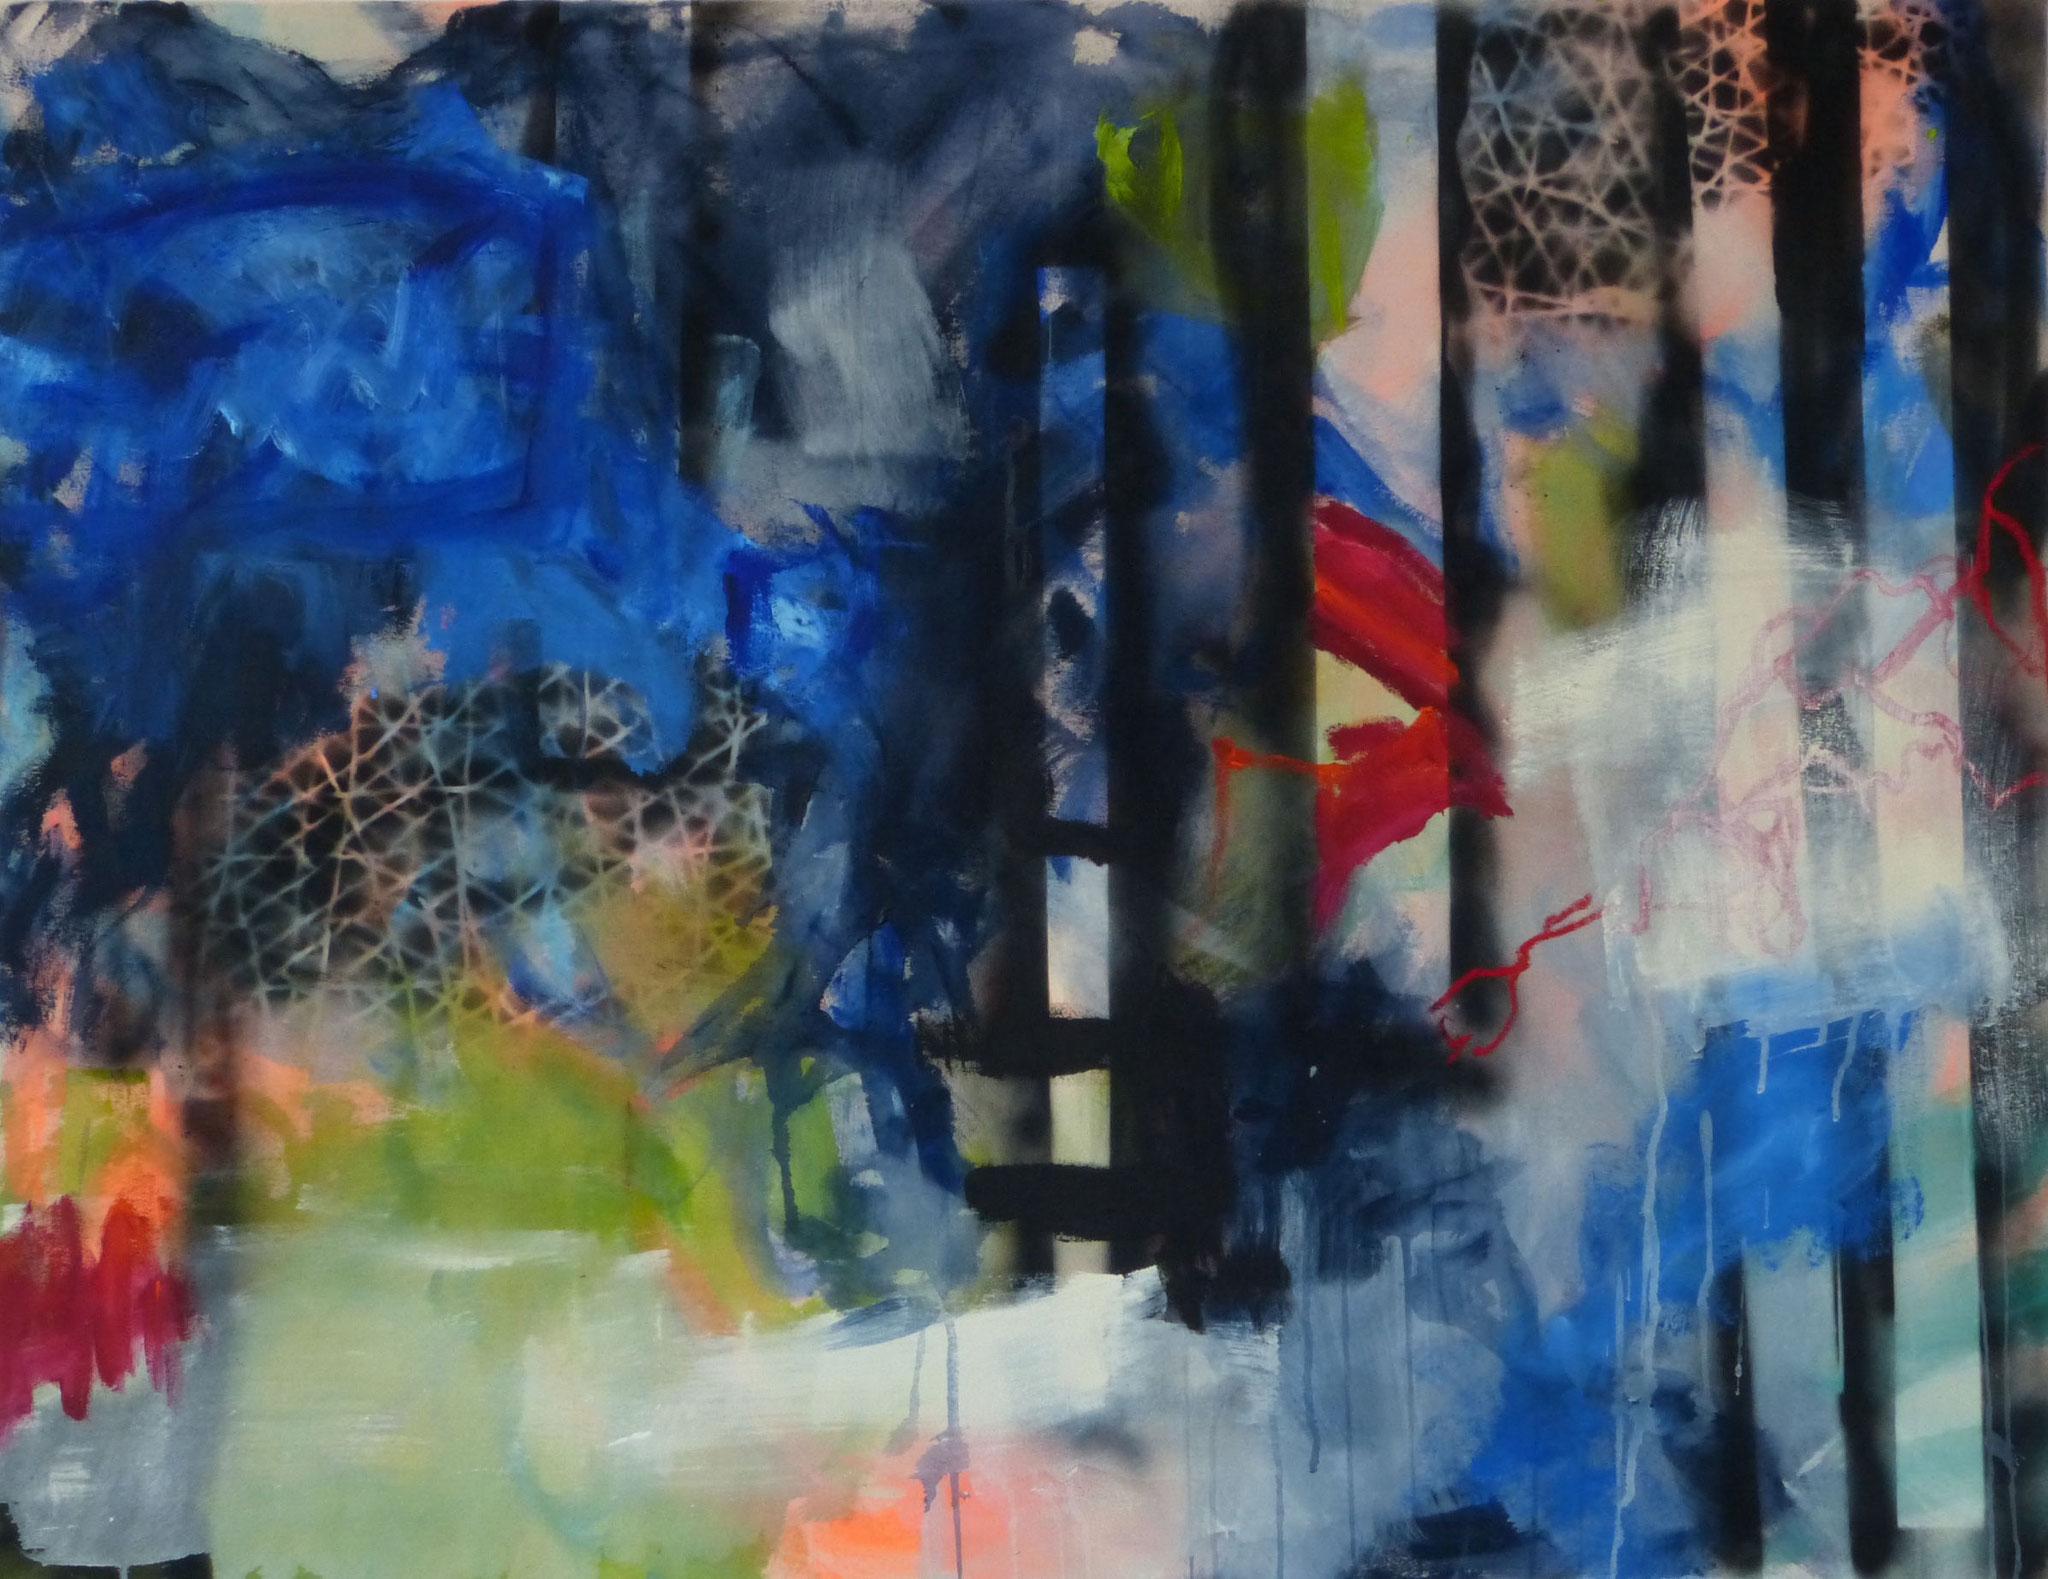 Vivace, Acryl auf Leinwand, 100x130cm, 2019